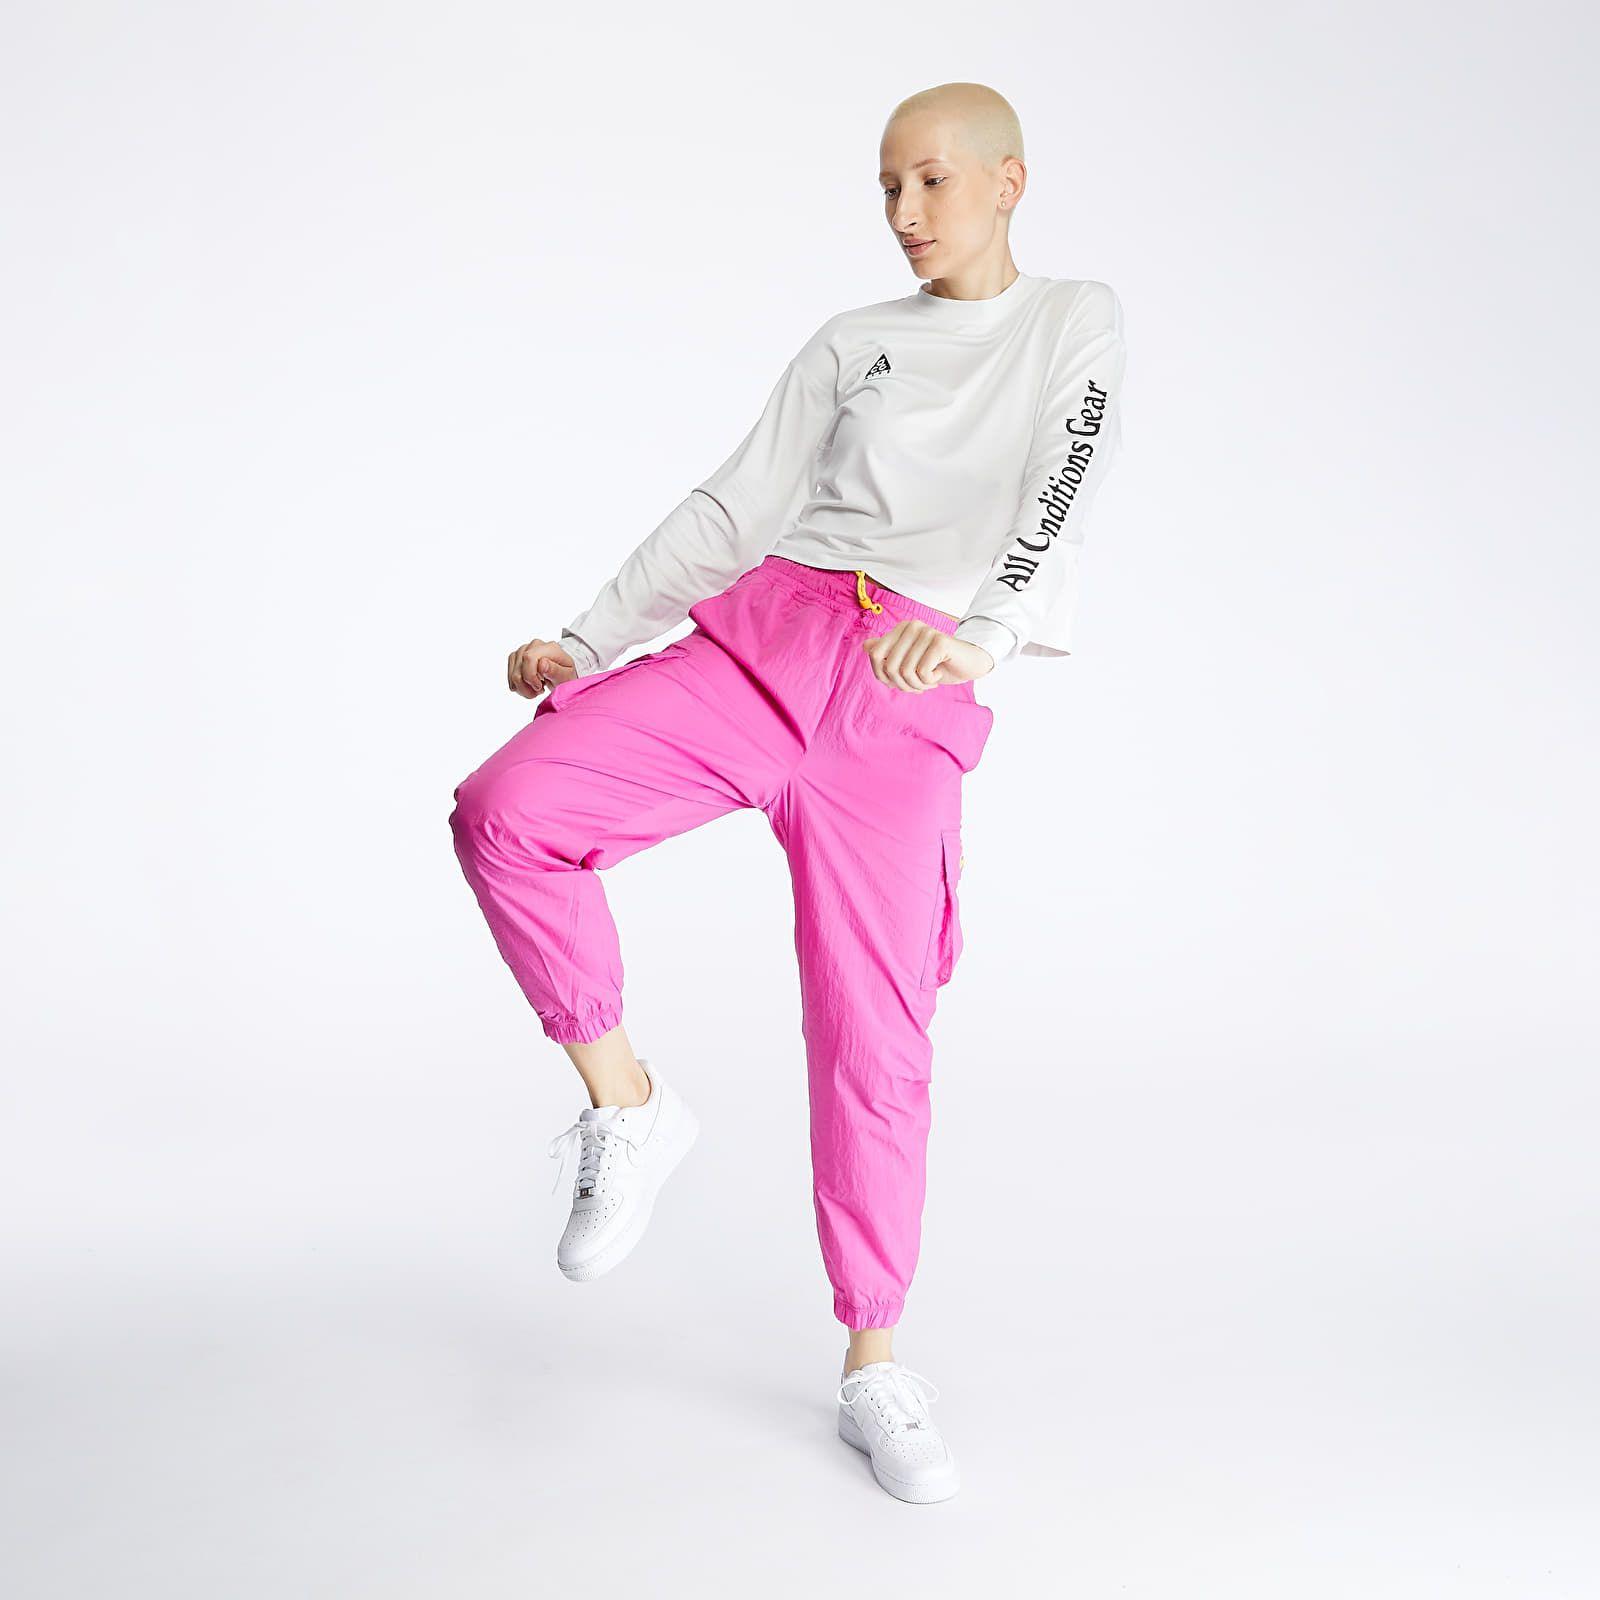 Na web Footshopu dorazili nové kolekcie od Nike, Vans či LIFE IS PORNO. Sleduj výber toho najzaujímavejšieho